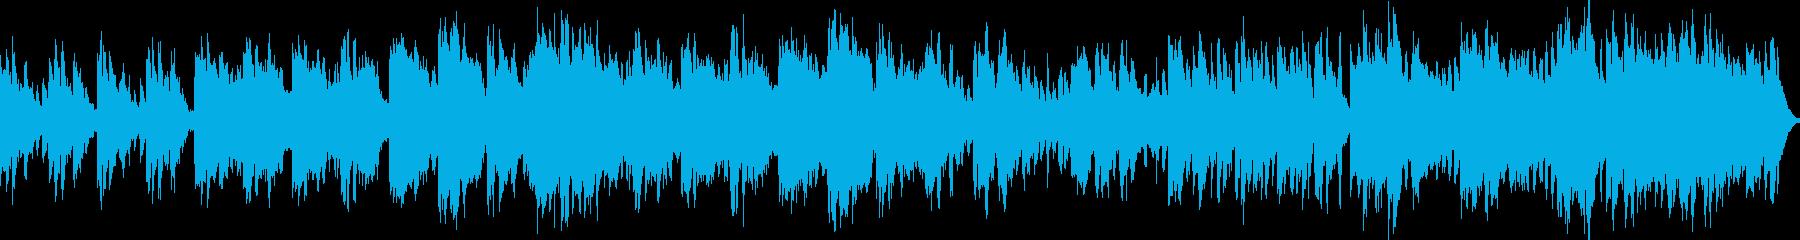 パーカッション抜き ループ処理版の再生済みの波形